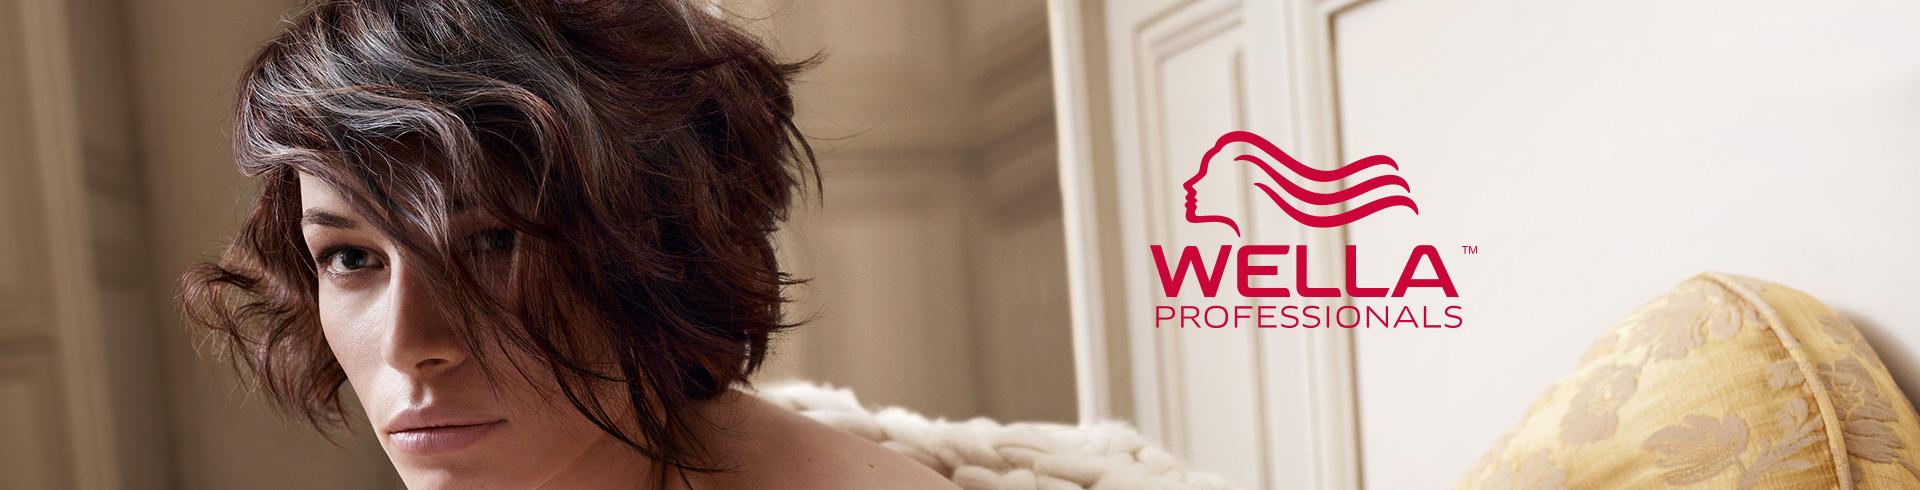 προϊόντα περιποίησης μαλλιών Wella